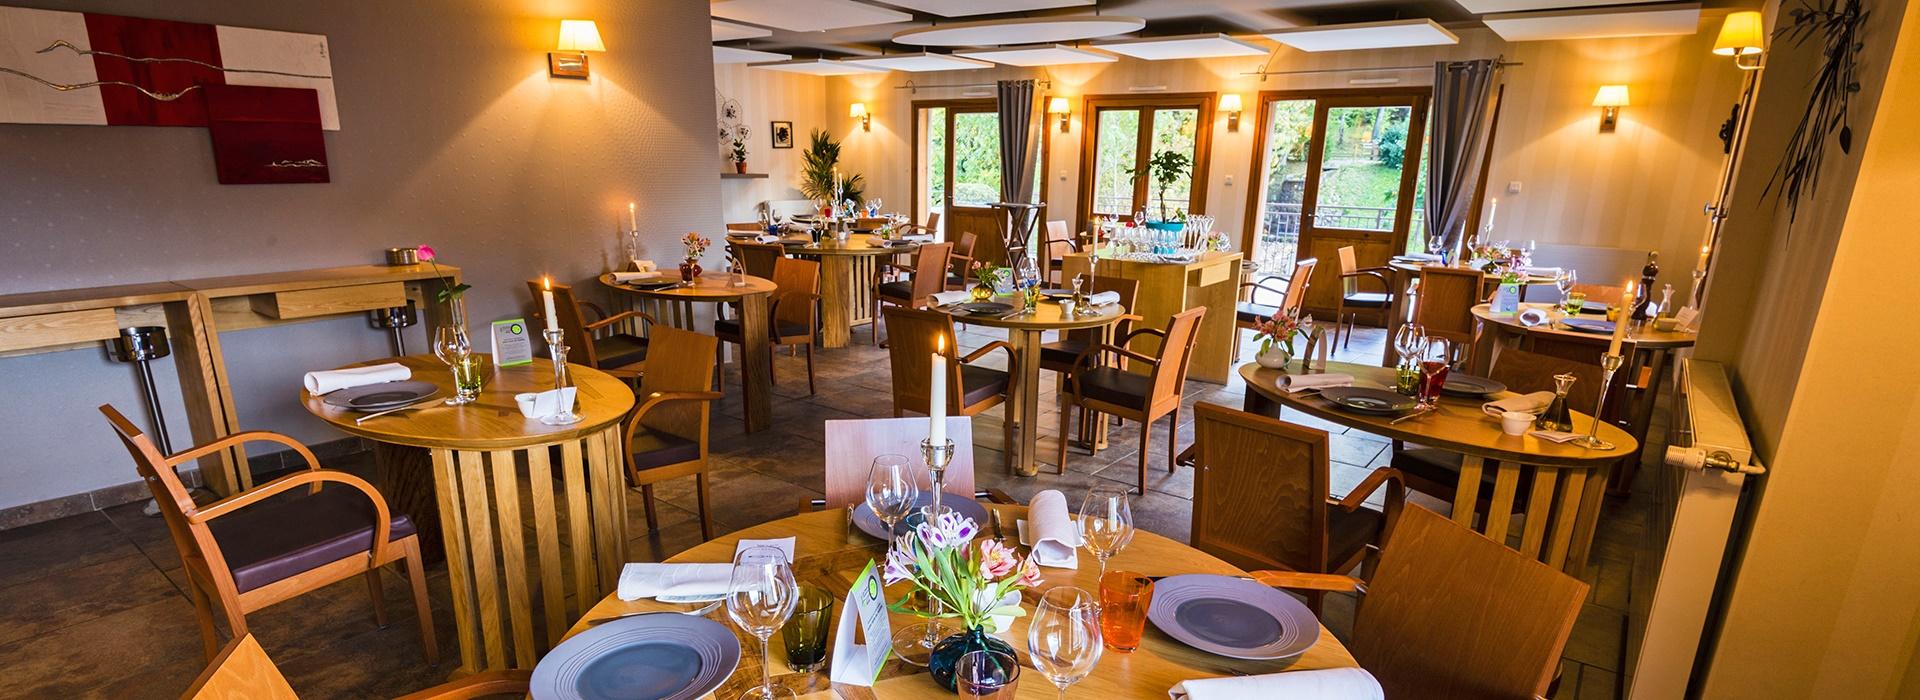 h 244 tel restaurant gastronomique le chalet 224 ax les thermes en ari 232 ge